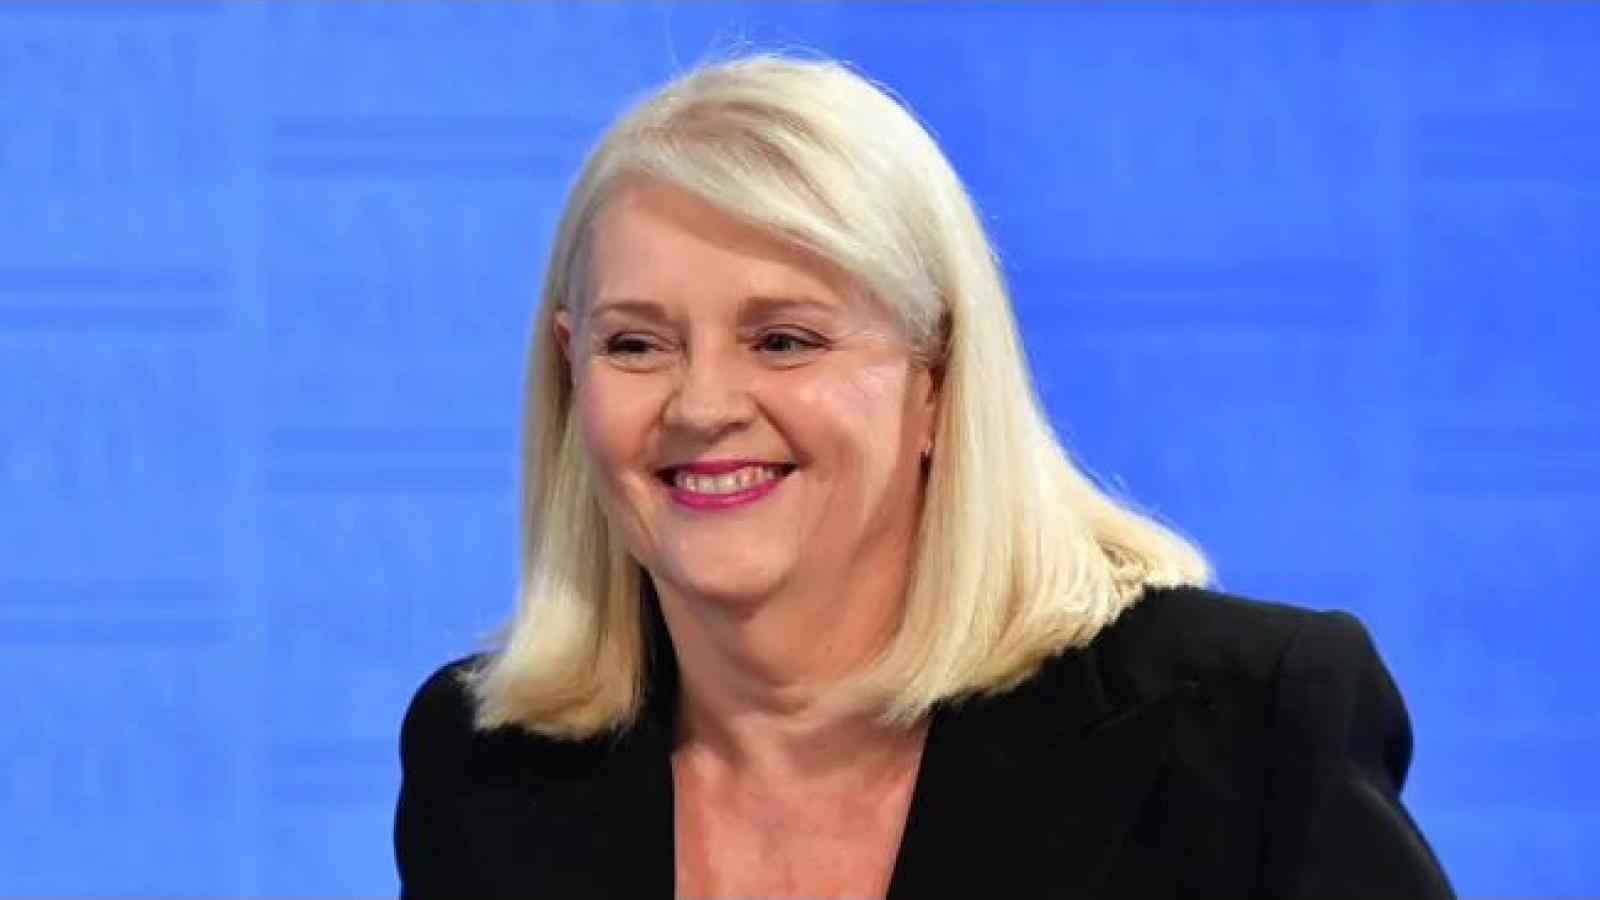 Australia có thể cần tới 12 tháng để cung cấp đủ vaccine Covid-19 cho người dân